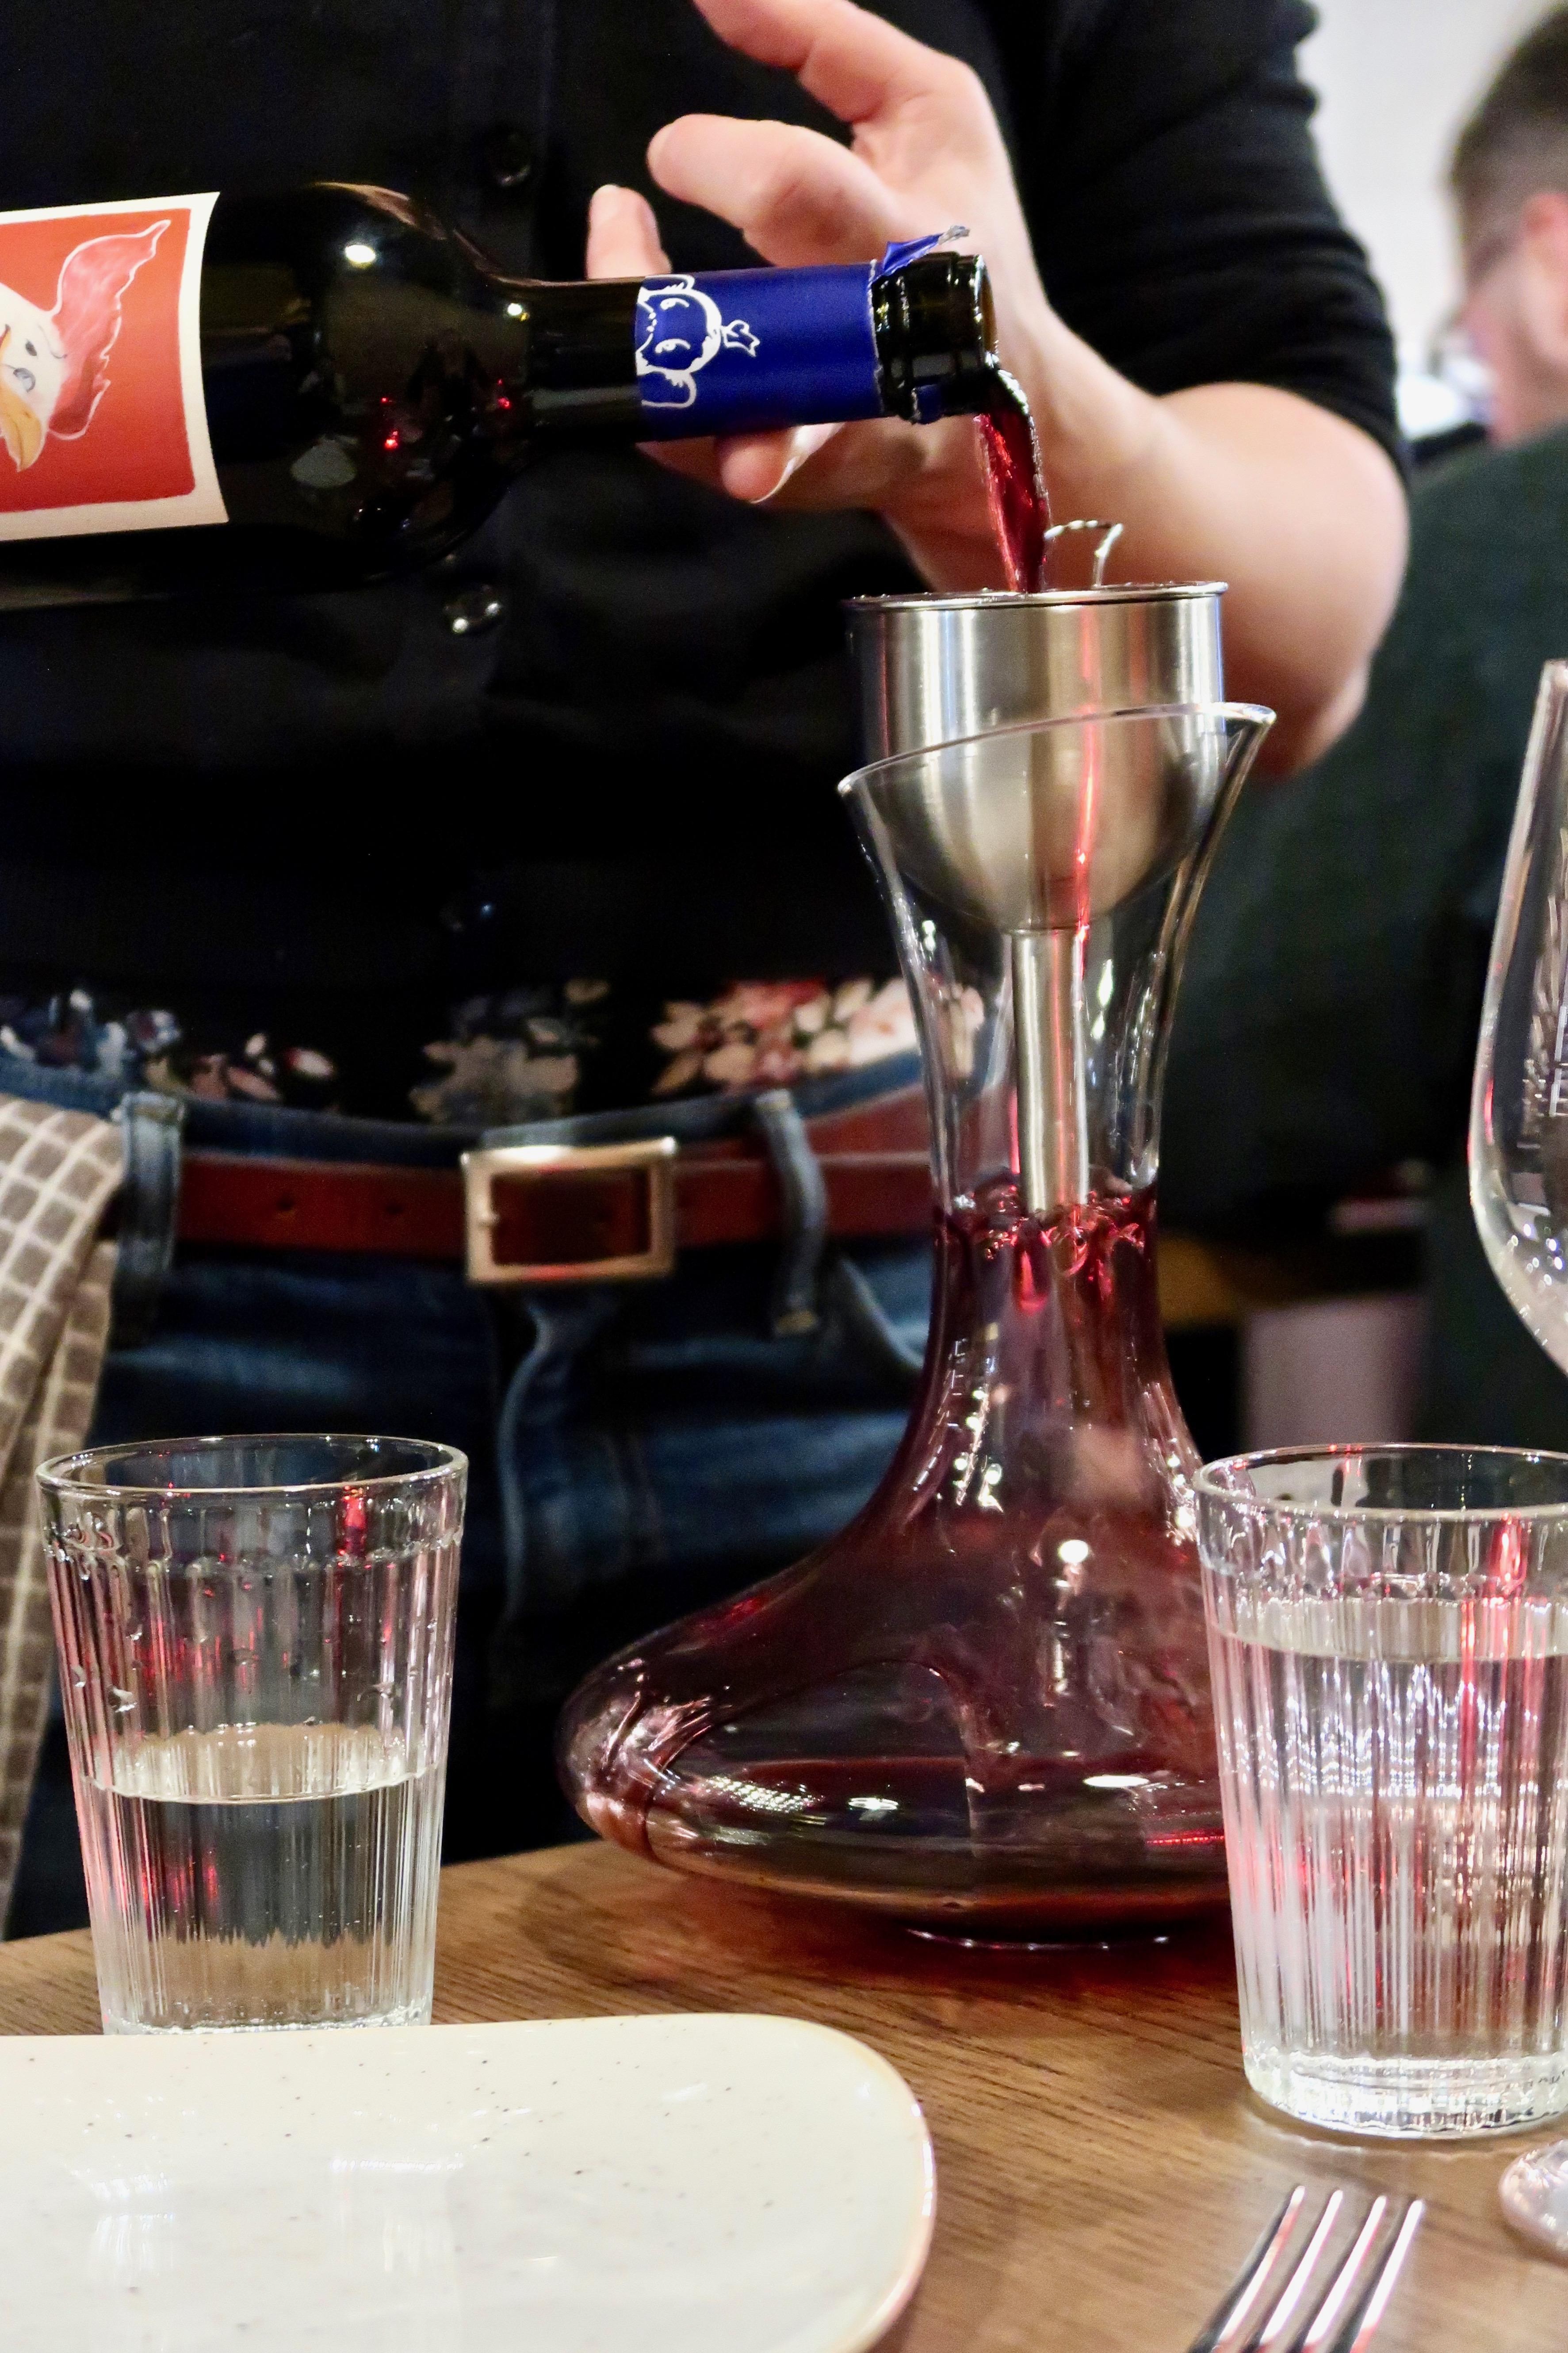 L'Oculto wine decanter